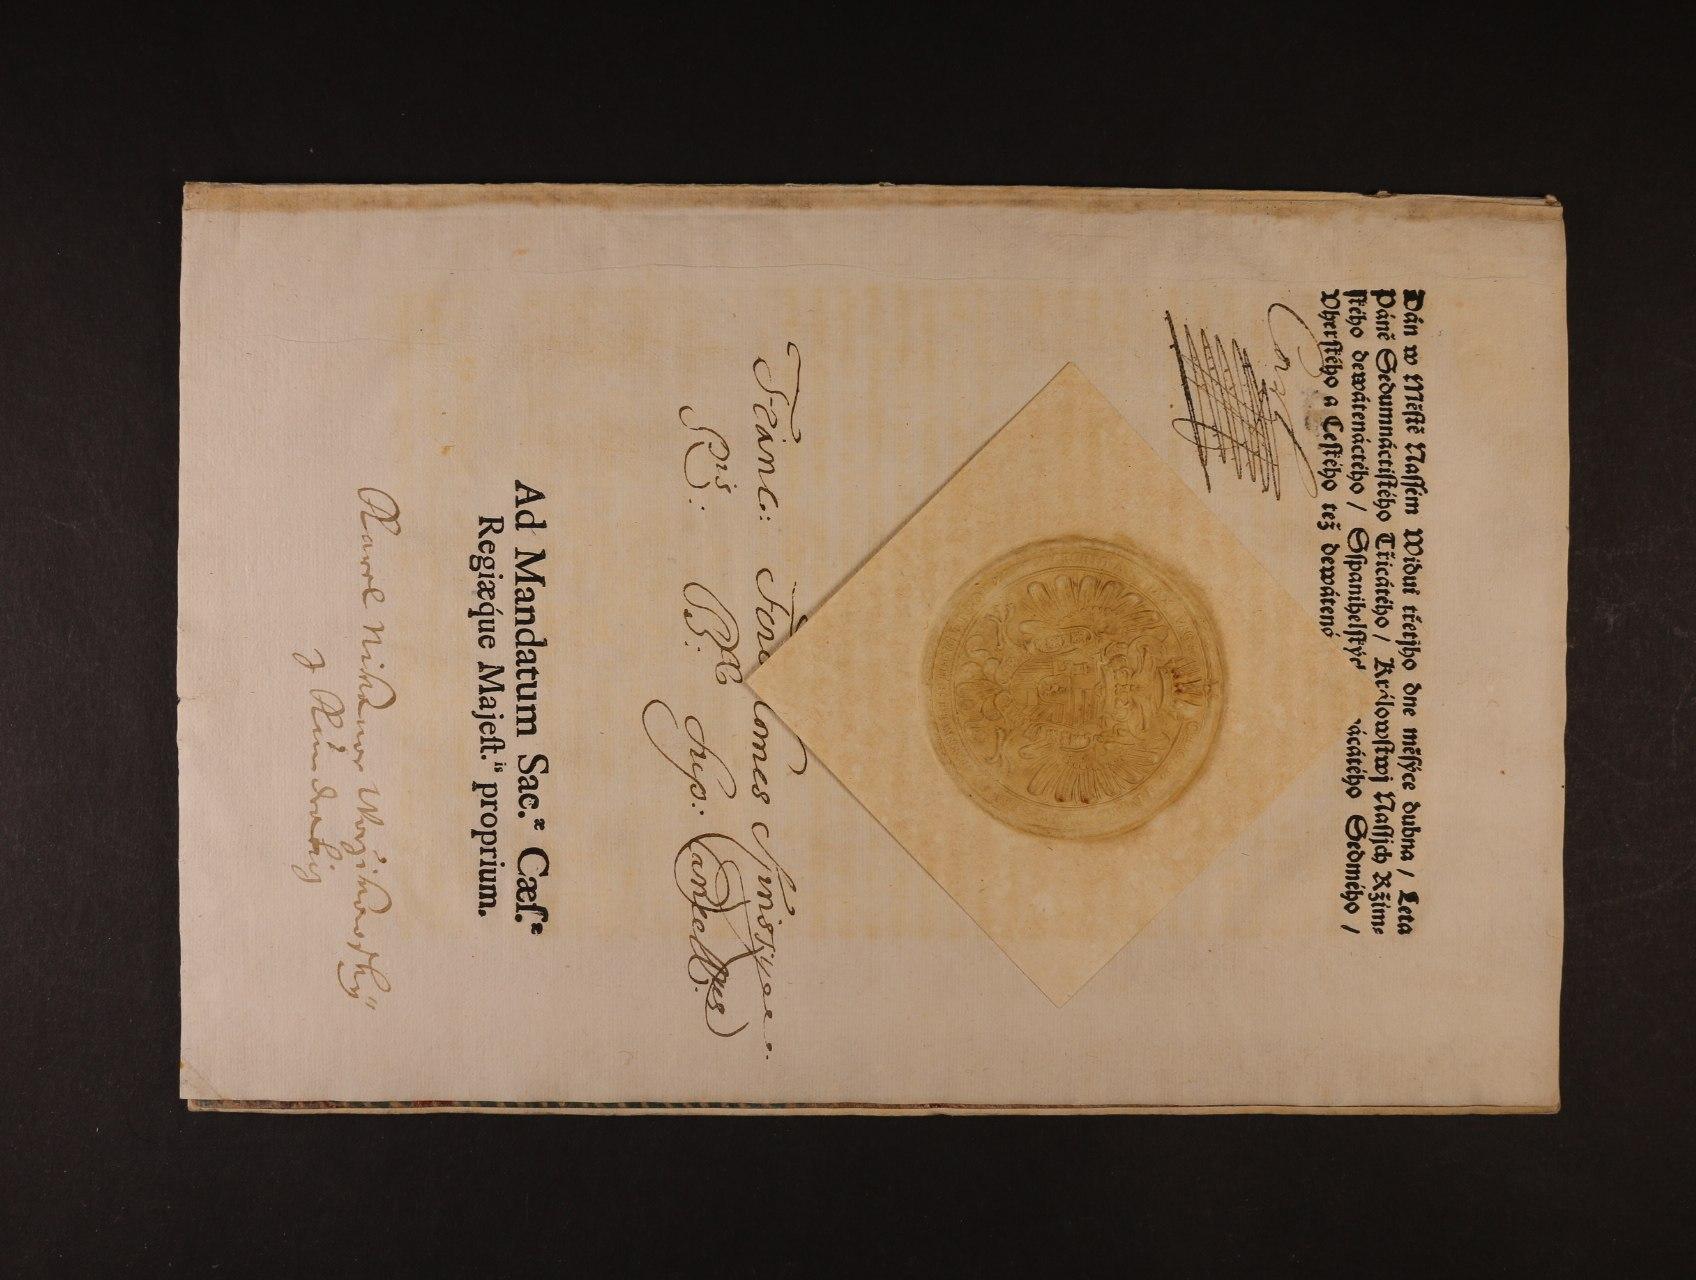 cirkulář z r. 1730 s vlastnoručním podpisem a velkou papírovou reliéfní pečetí cís. Karla VI. s datací Wien 3.4.1730, velmi zajímavé, lux. kvalita